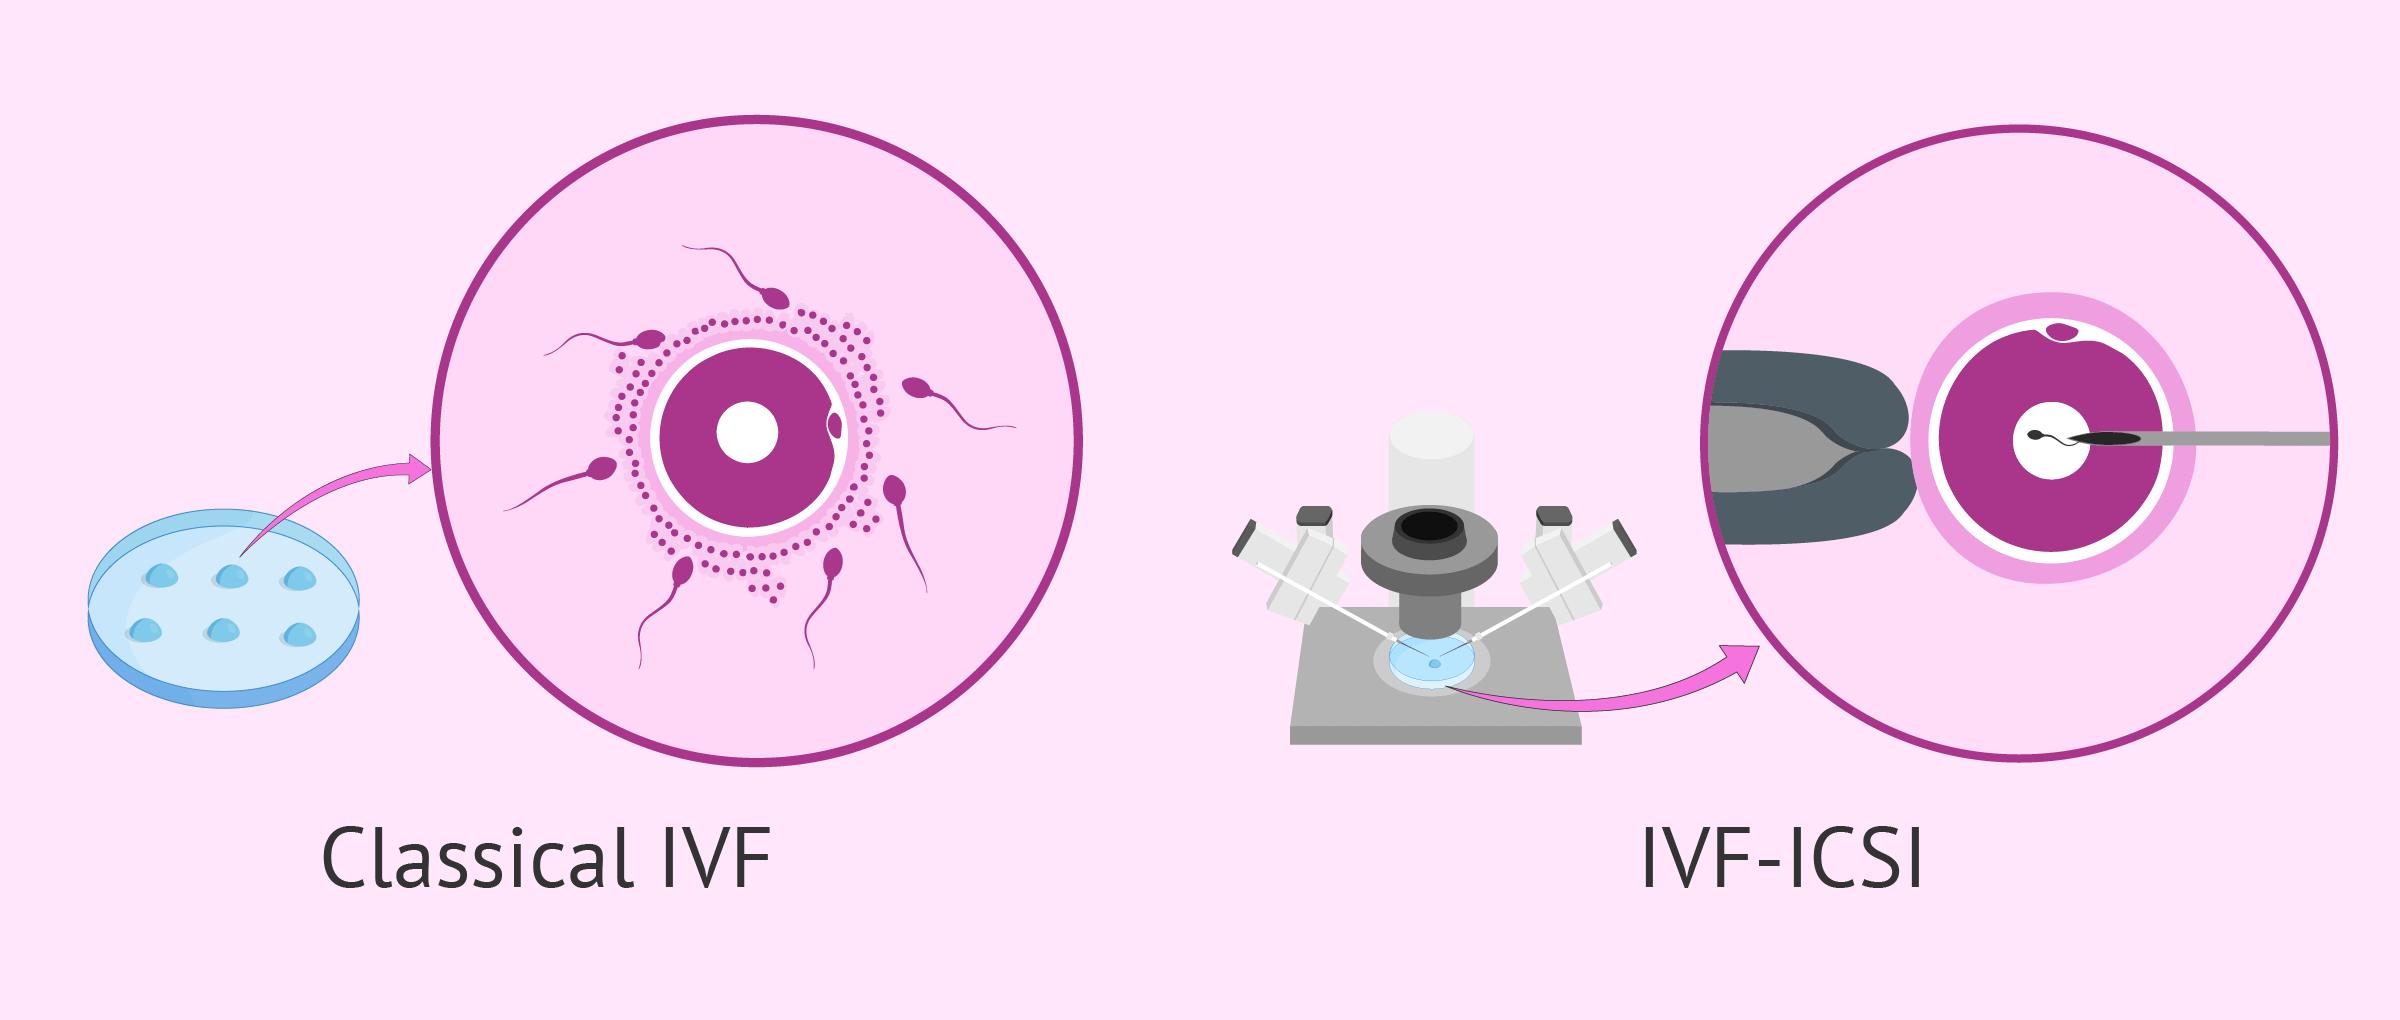 Μικρογονιμοποίηση και εμβρυομεταφορά: Η εξωσωματική γονιμοποίηση βήμα βήμα 15